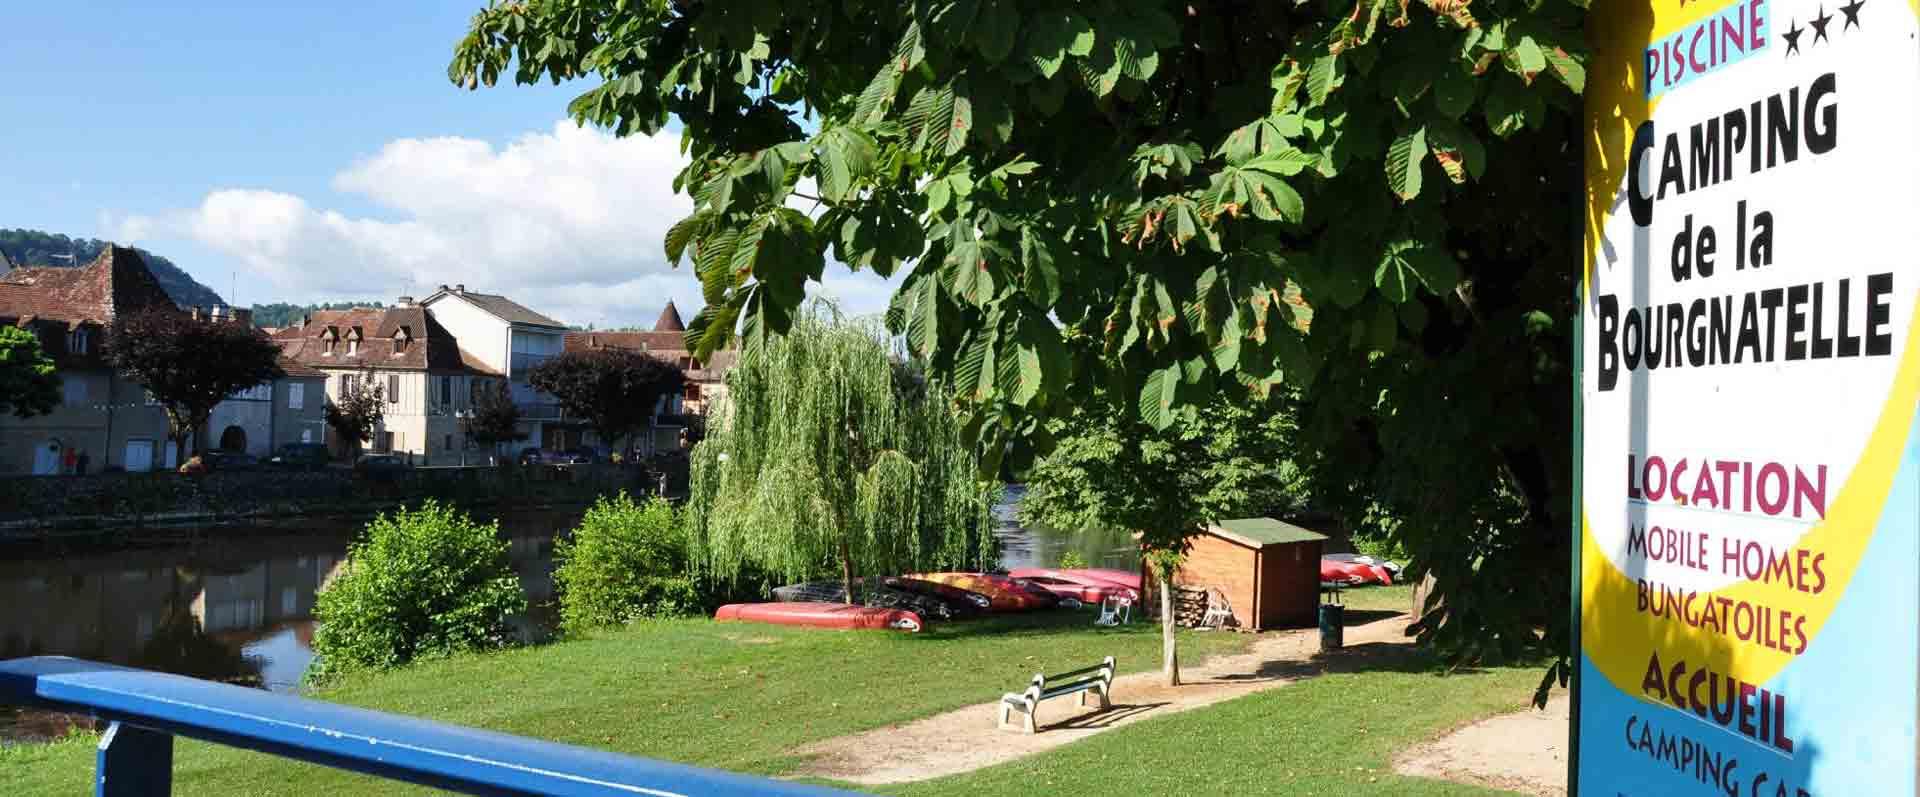 Camping en ville – La Bourgnatelle